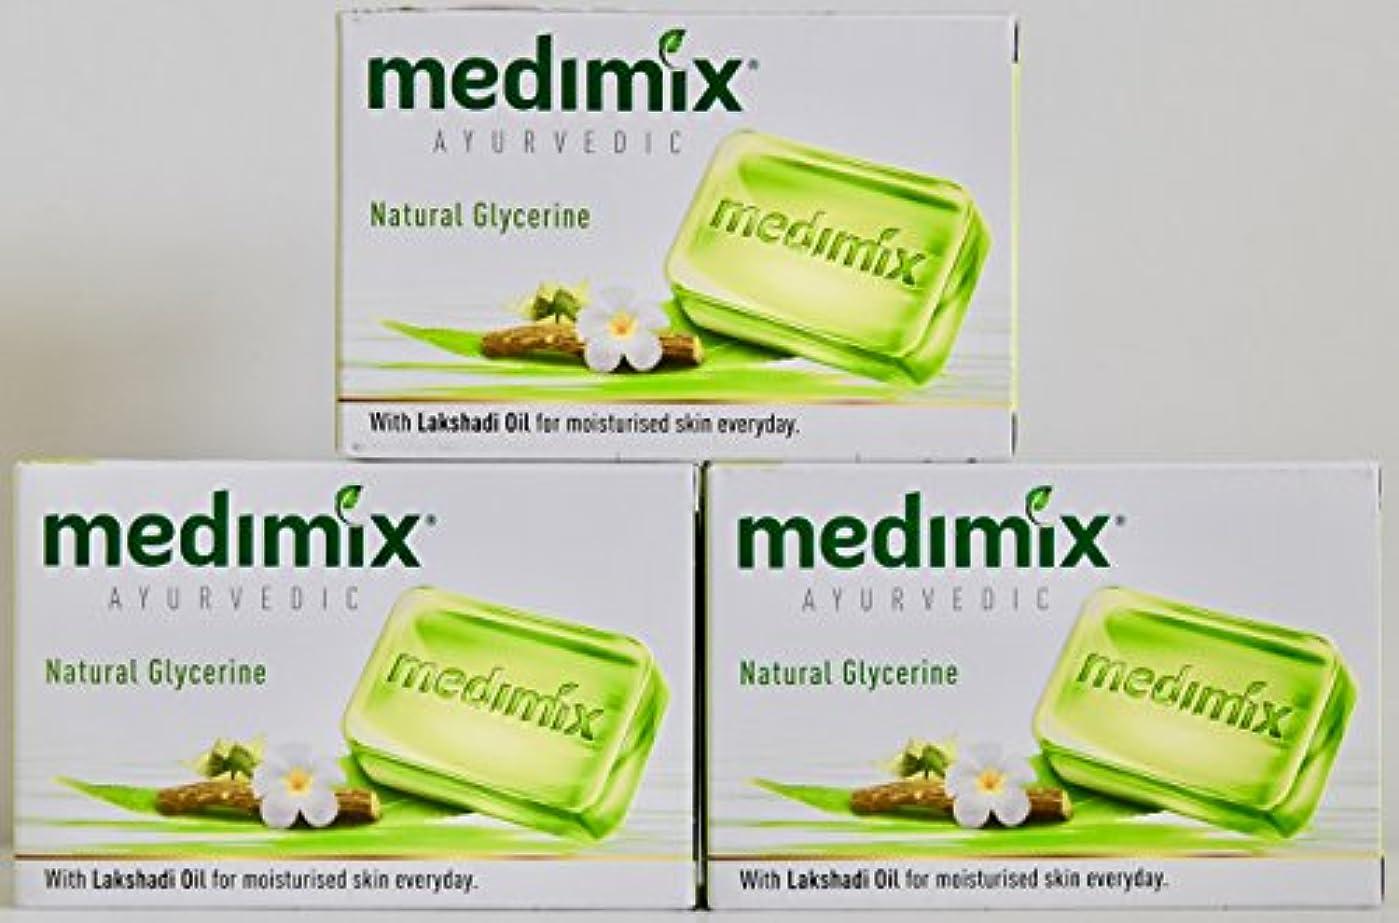 再編成する収穫痛みMEDIMIX メディミックス アーユルヴェディック ナチュラルグリセリン 3個入り  125g